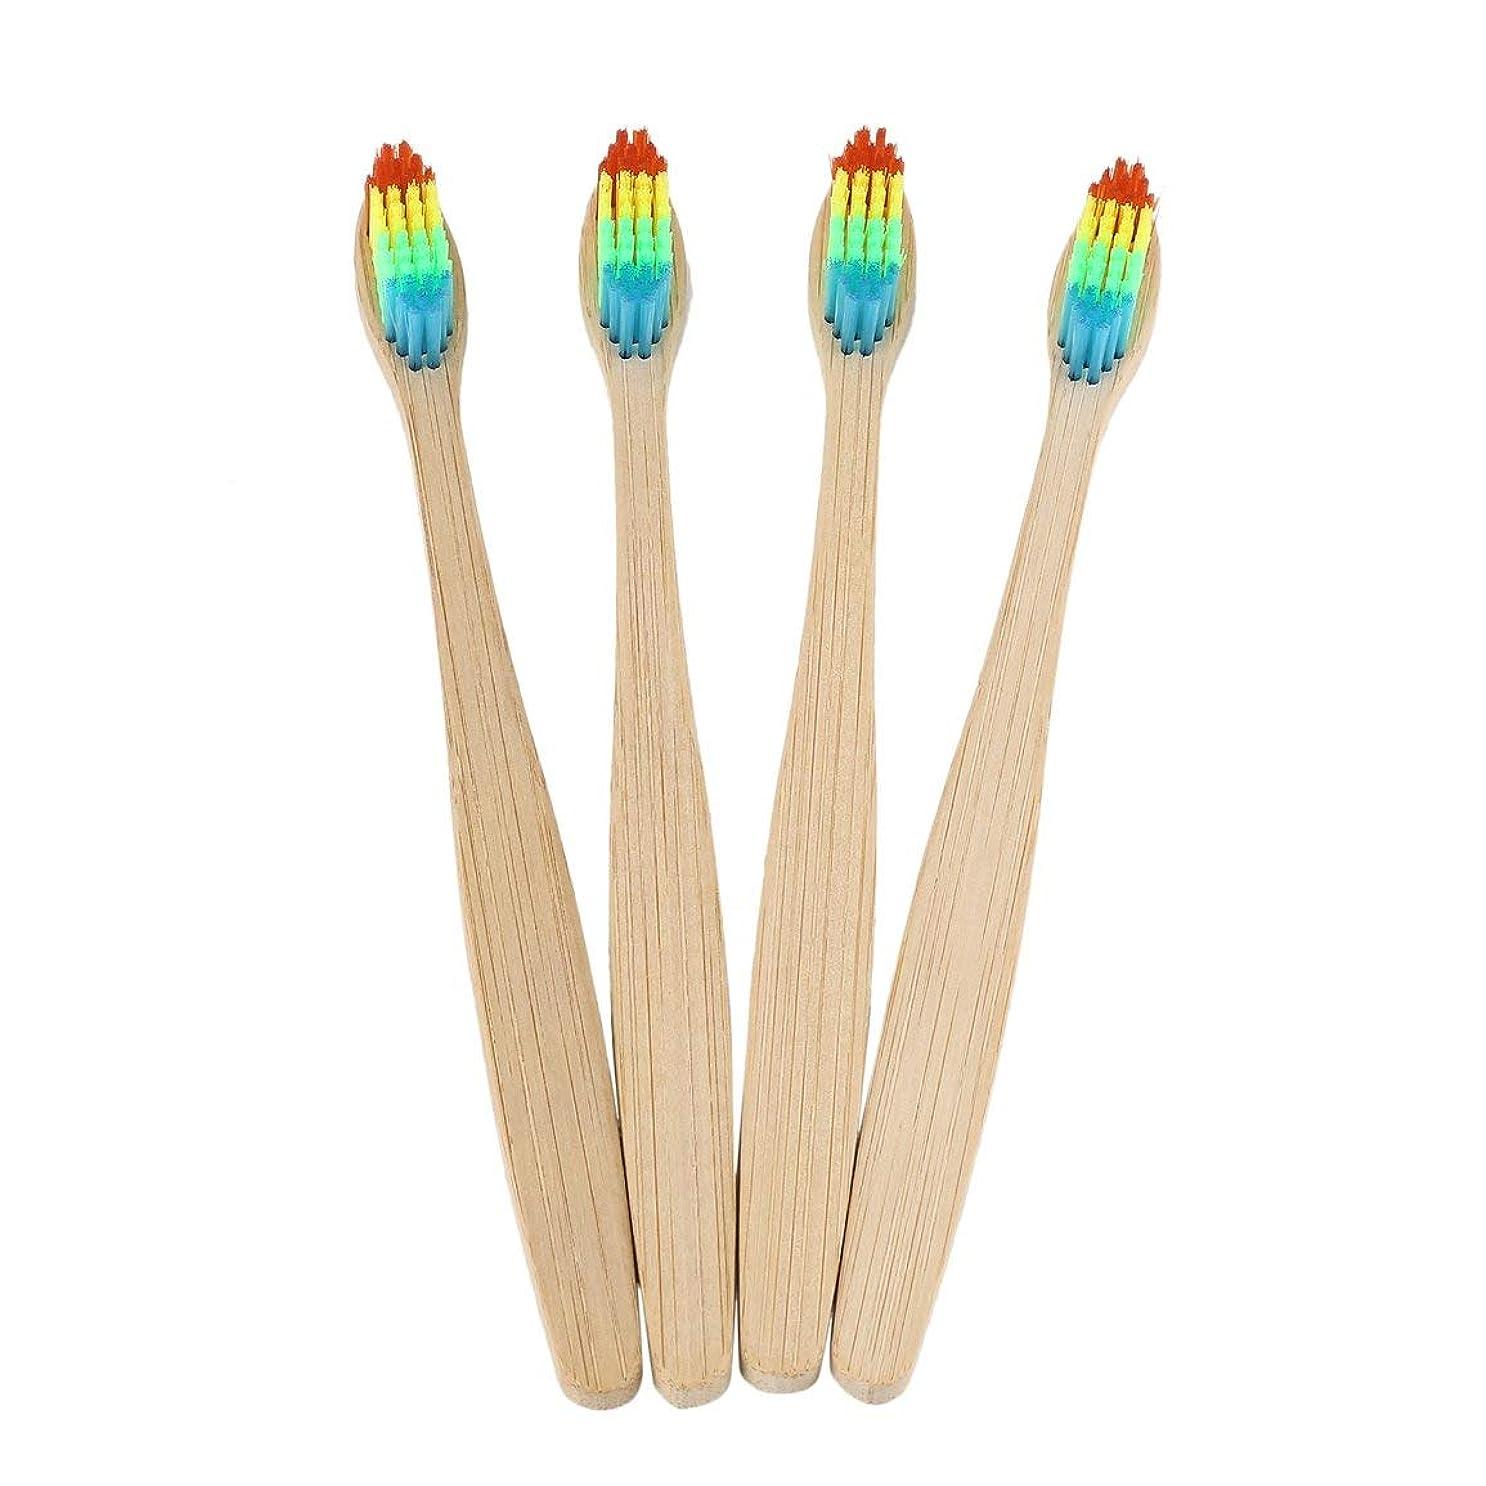 気候の山楽しいボットカラフルな髪+竹のハンドル歯ブラシ環境木製の虹竹の歯ブラシオーラルケアソフト剛毛ユニセックス - ウッドカラー+カラフル